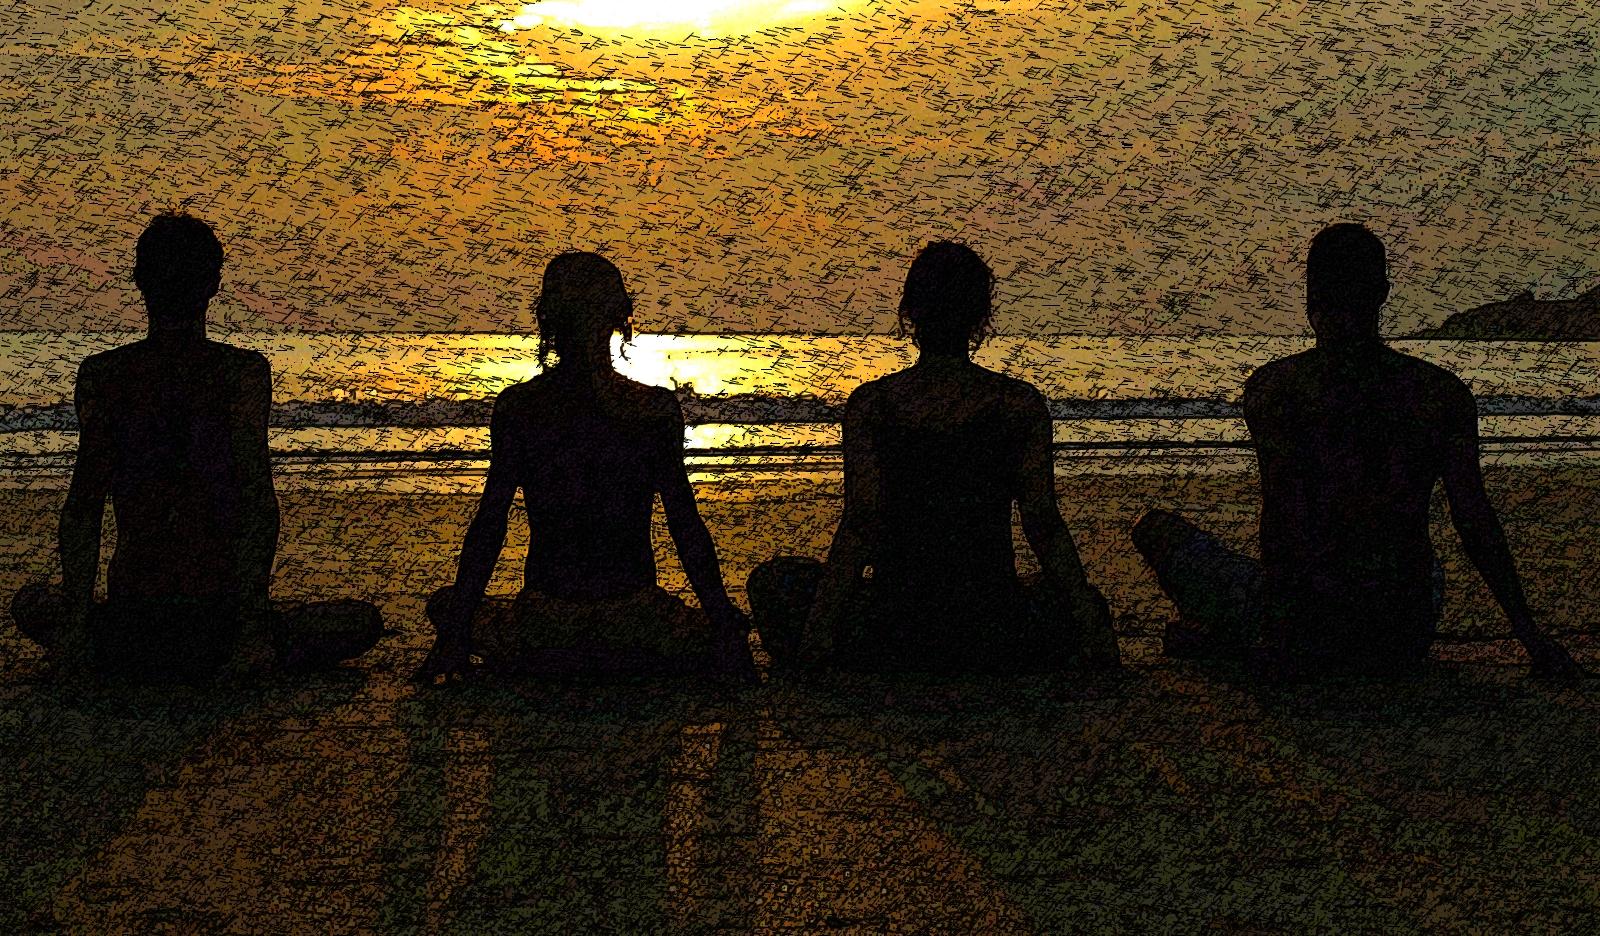 ¡Cuidado! las Posturas y Meditación del Yoga abren Puertas a Energías Peligrosas